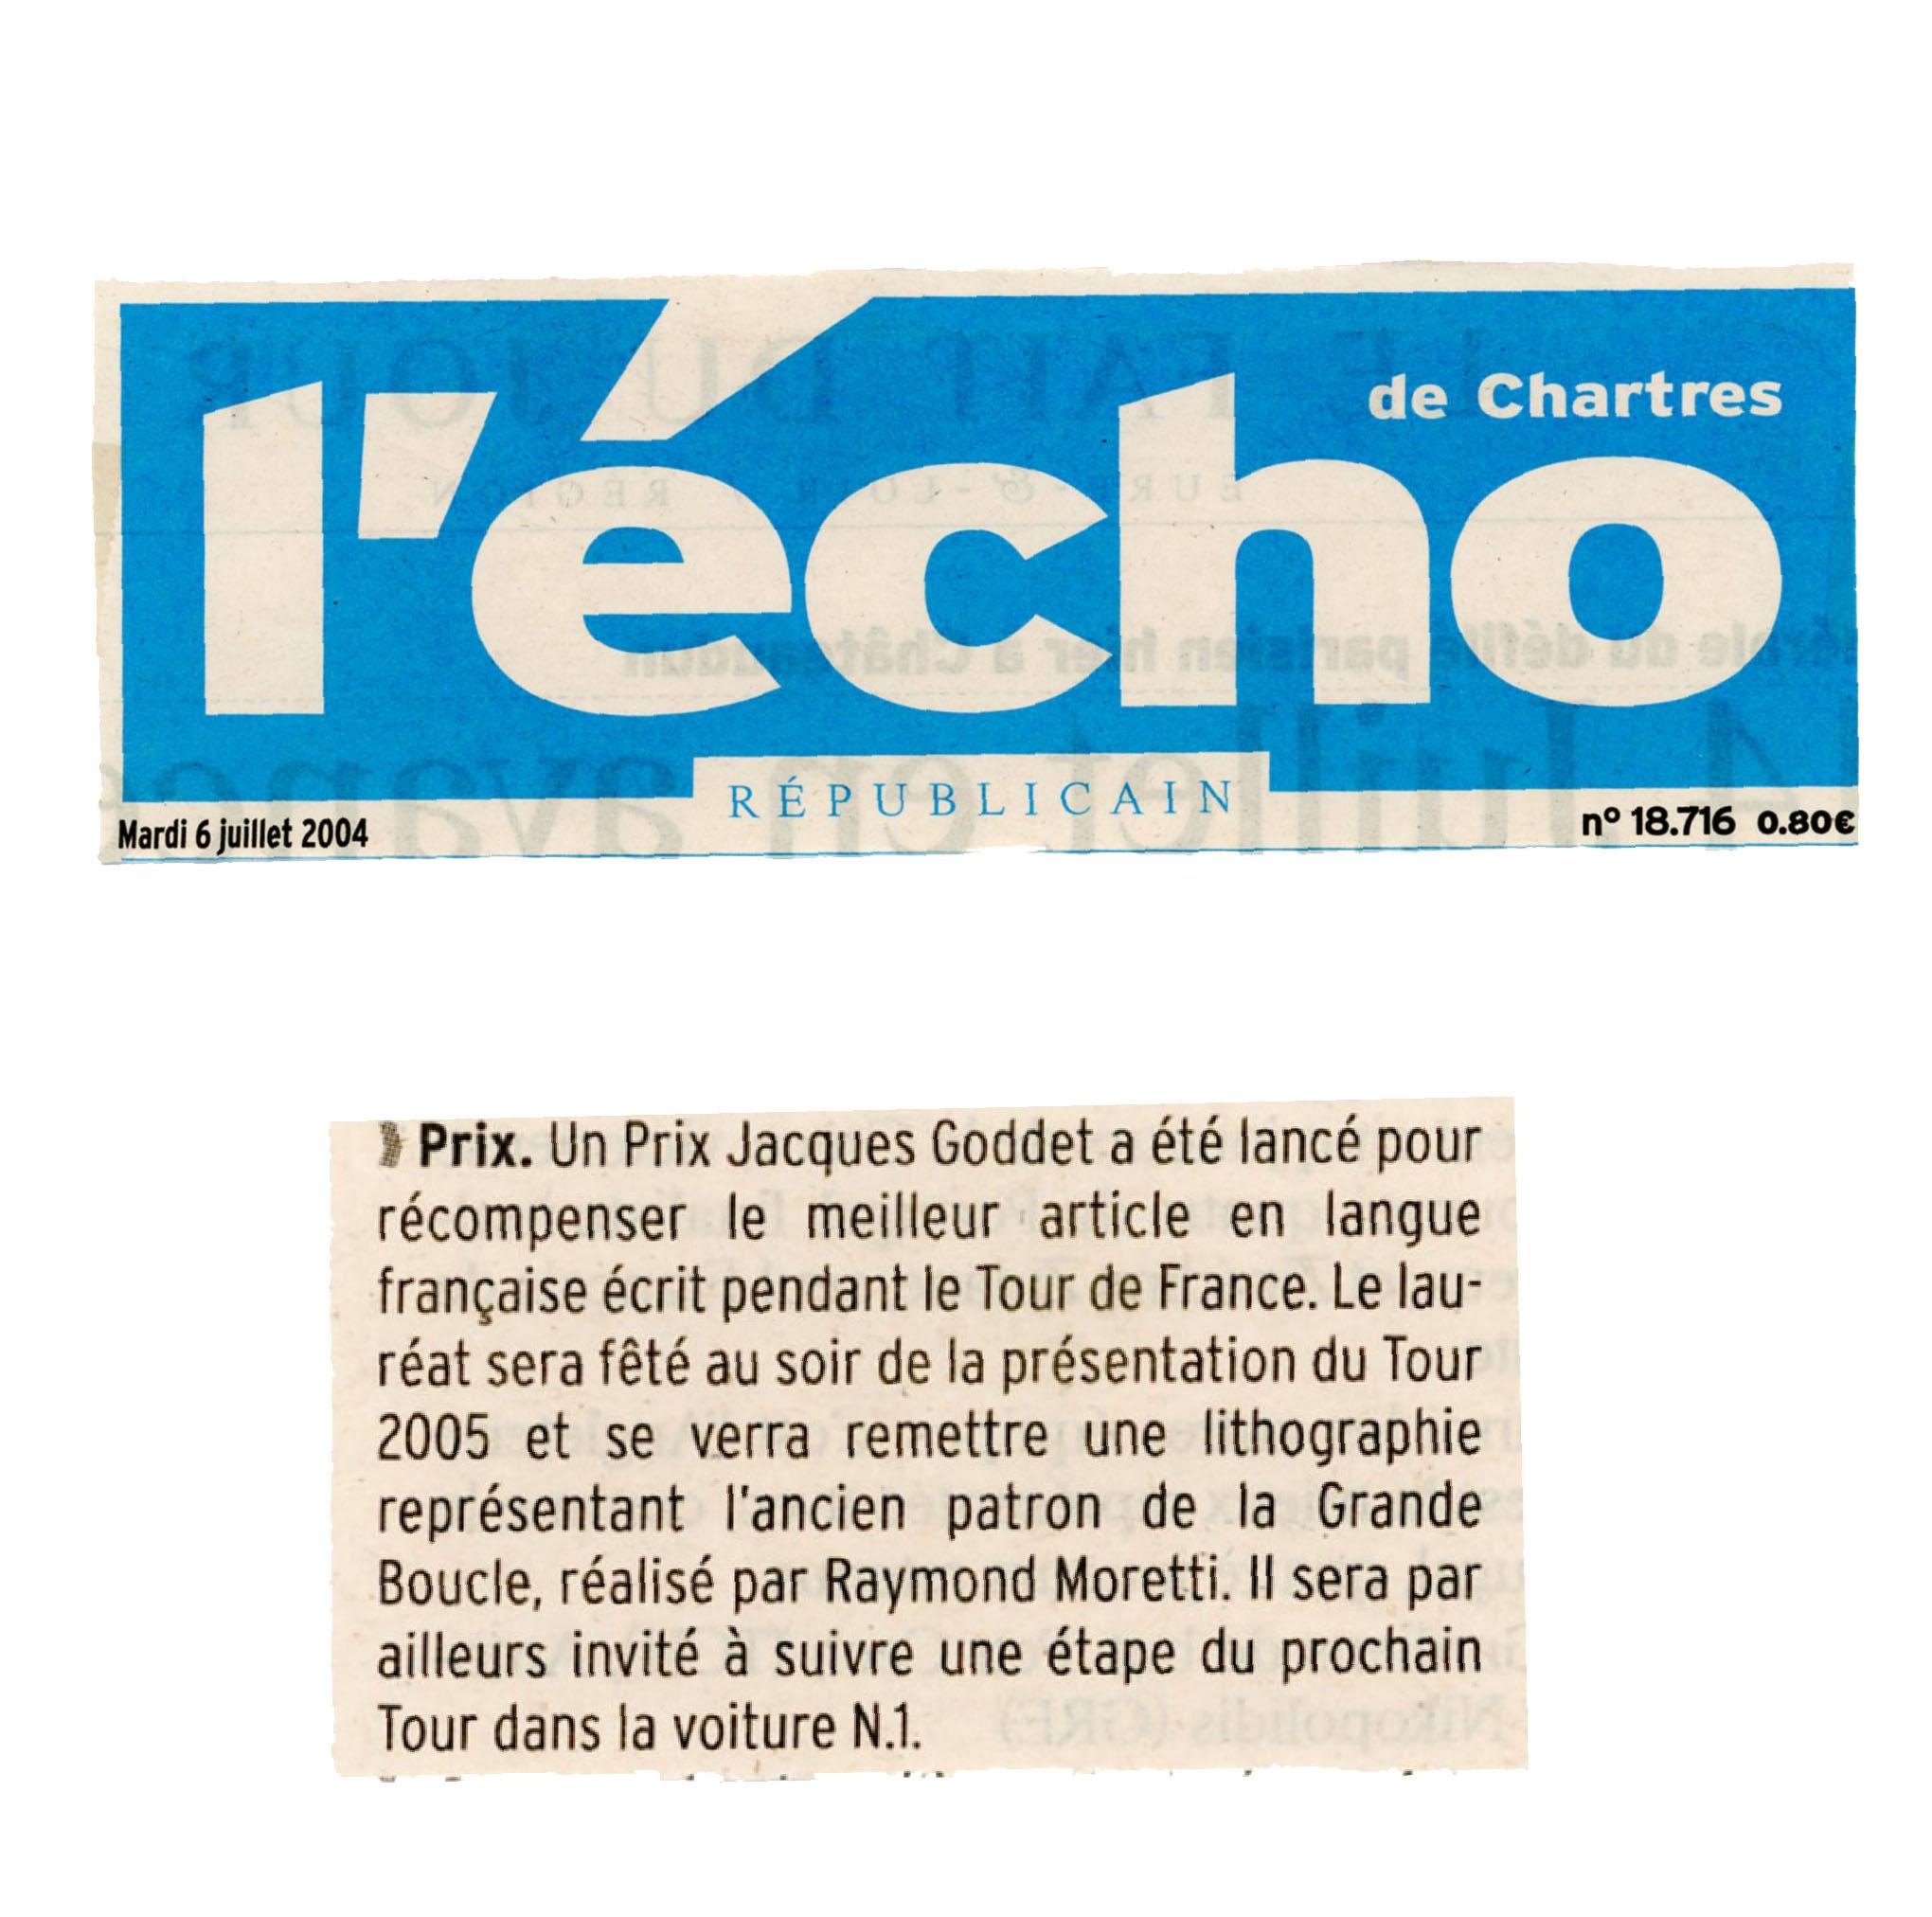 Presse - L'Echo républicain de Chartres - Prix Jacques-Goddet - mardi 6 juillet 2004